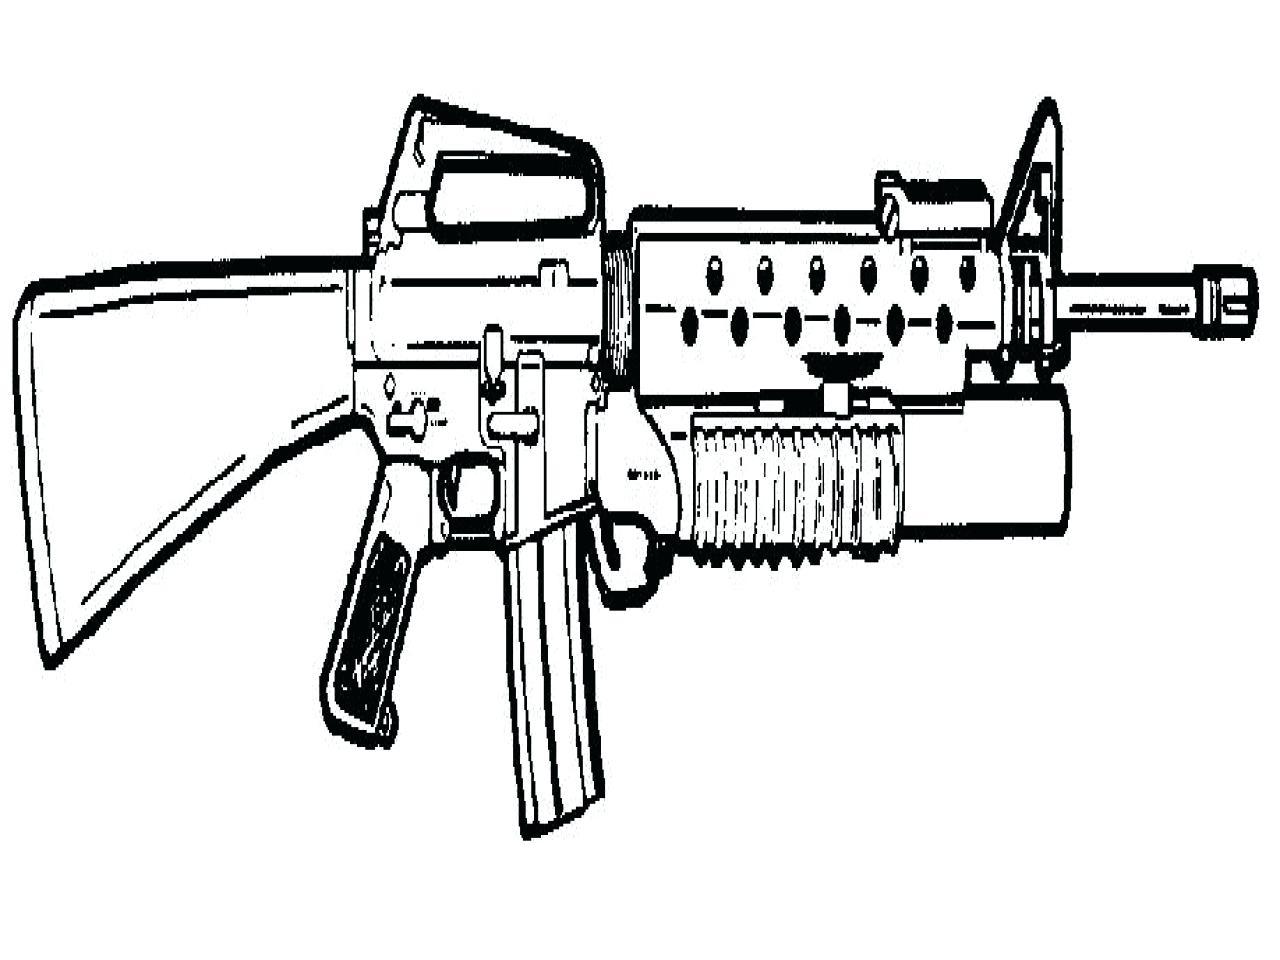 3d Gun Drawing at GetDrawings.com | Free for personal use 3d Gun ...